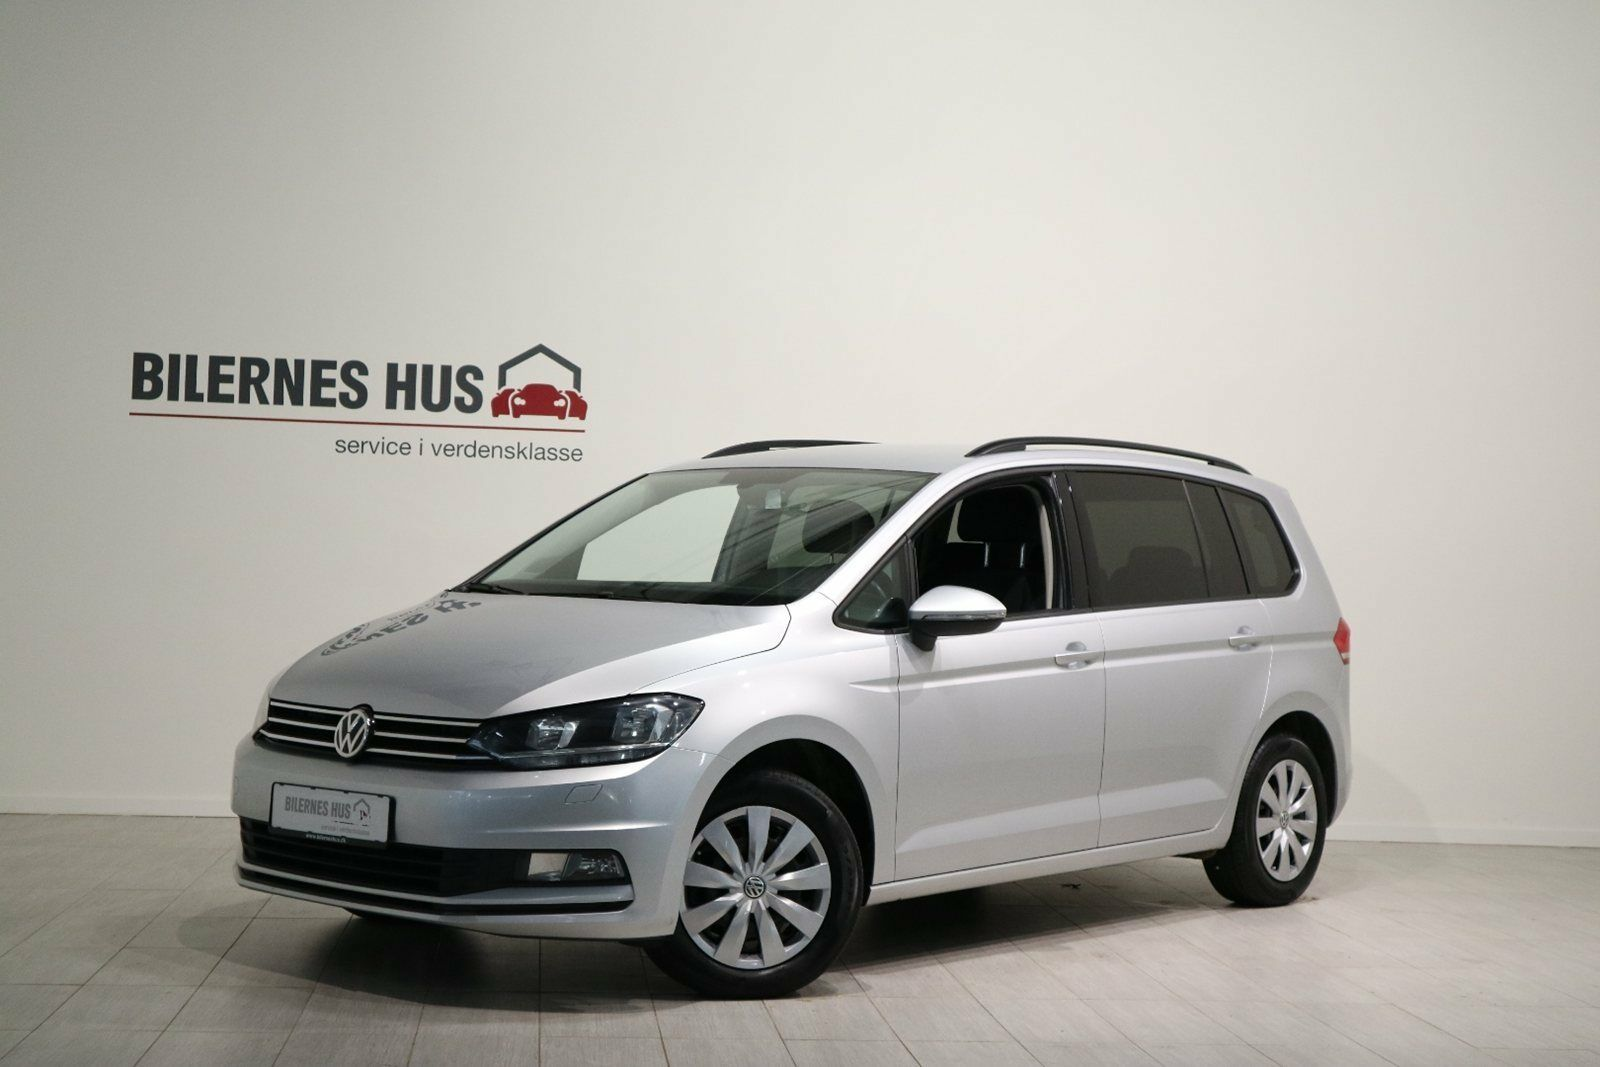 VW Touran 1,6 TDi 115 Comfortline DSG 7prs 5d - 253.880 kr.